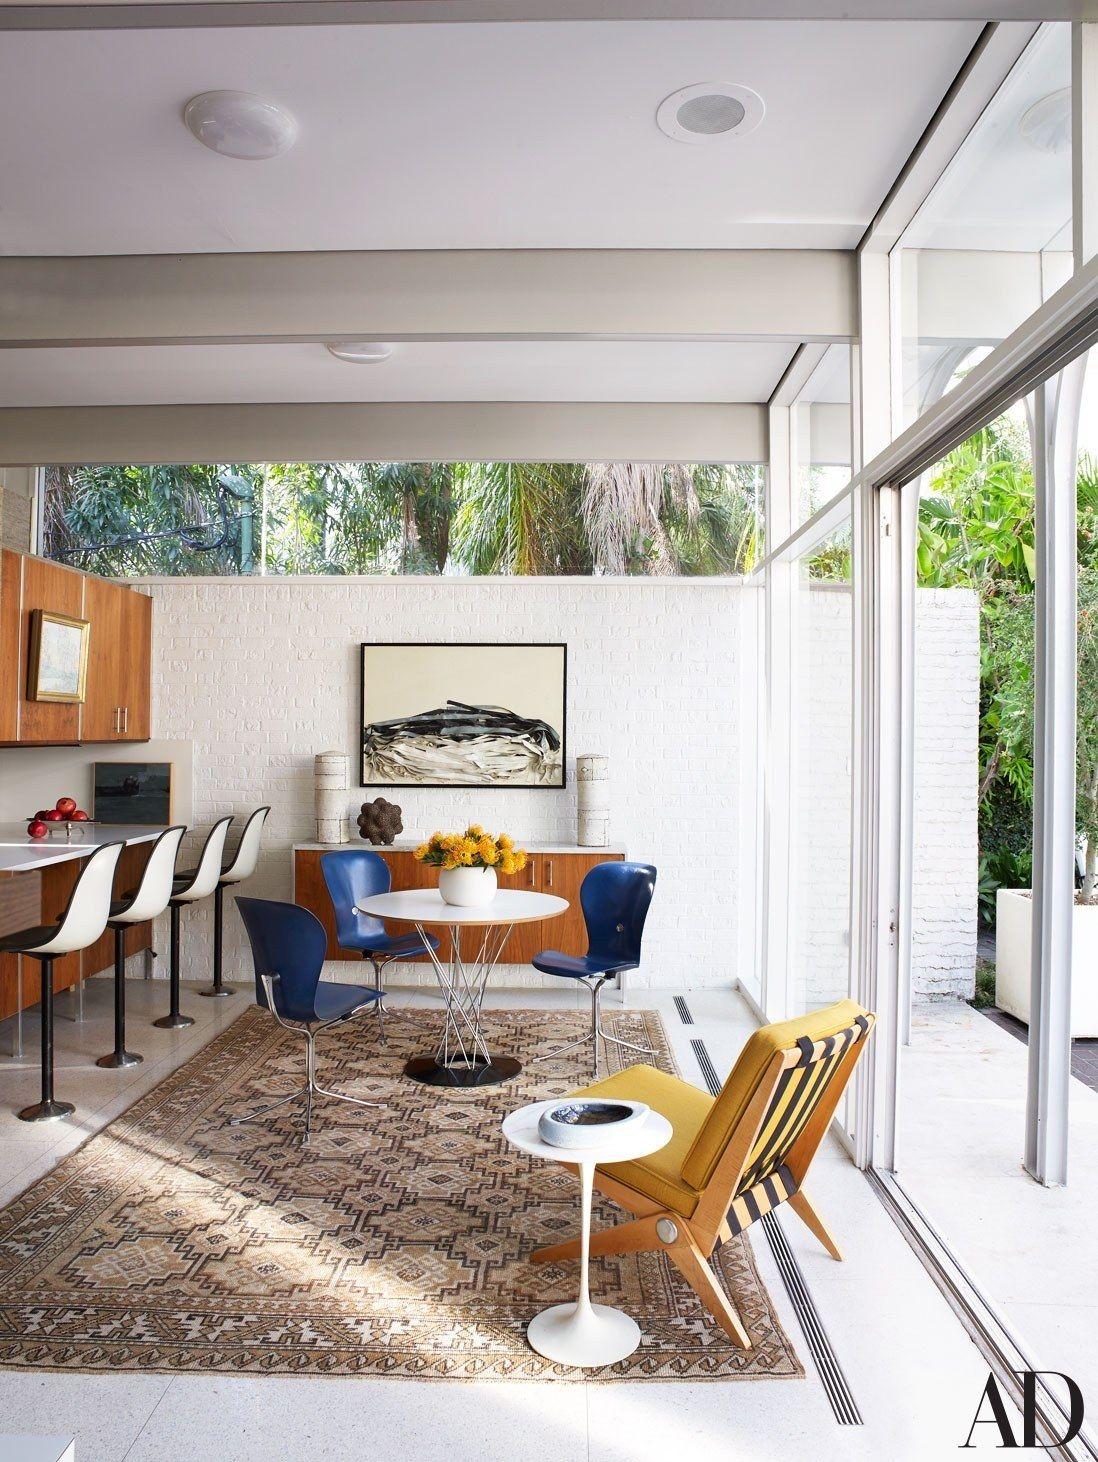 18 Stylish Homes with Modern Interior Design | Rund ums haus, Runde ...